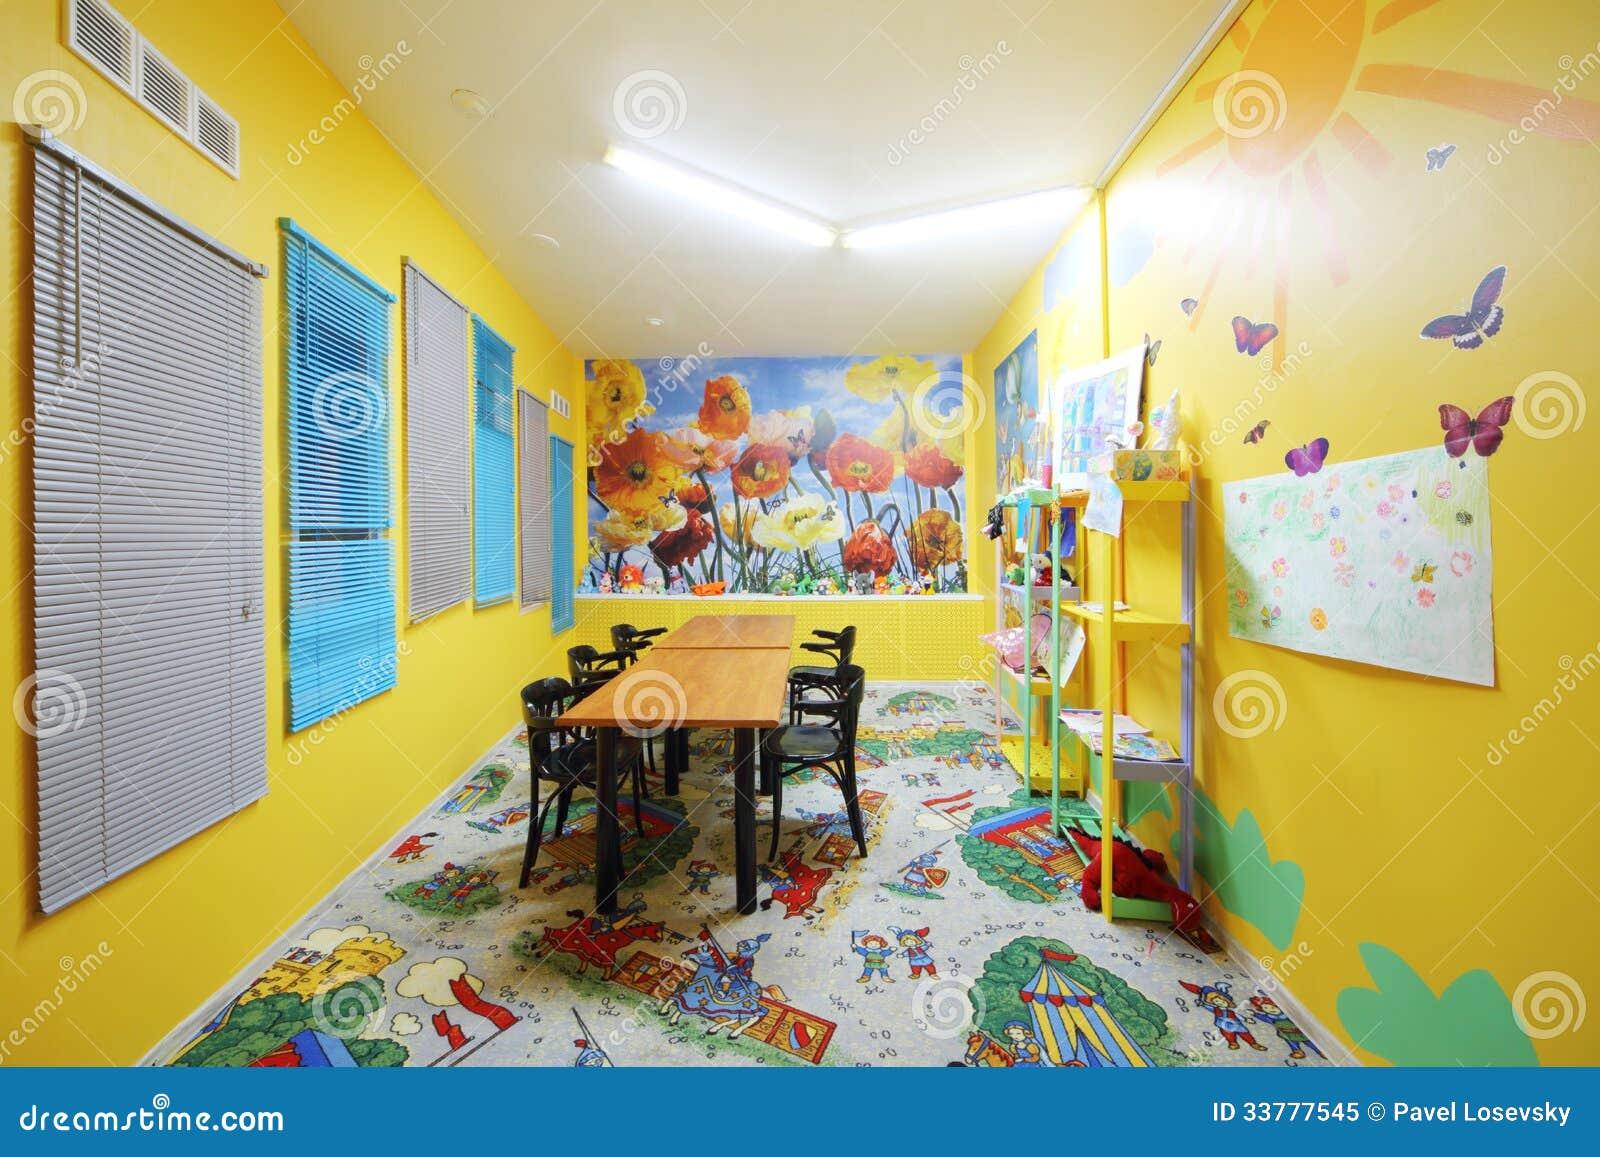 Kids room of restaurant in neva cinema editorial image for Kids restaurants